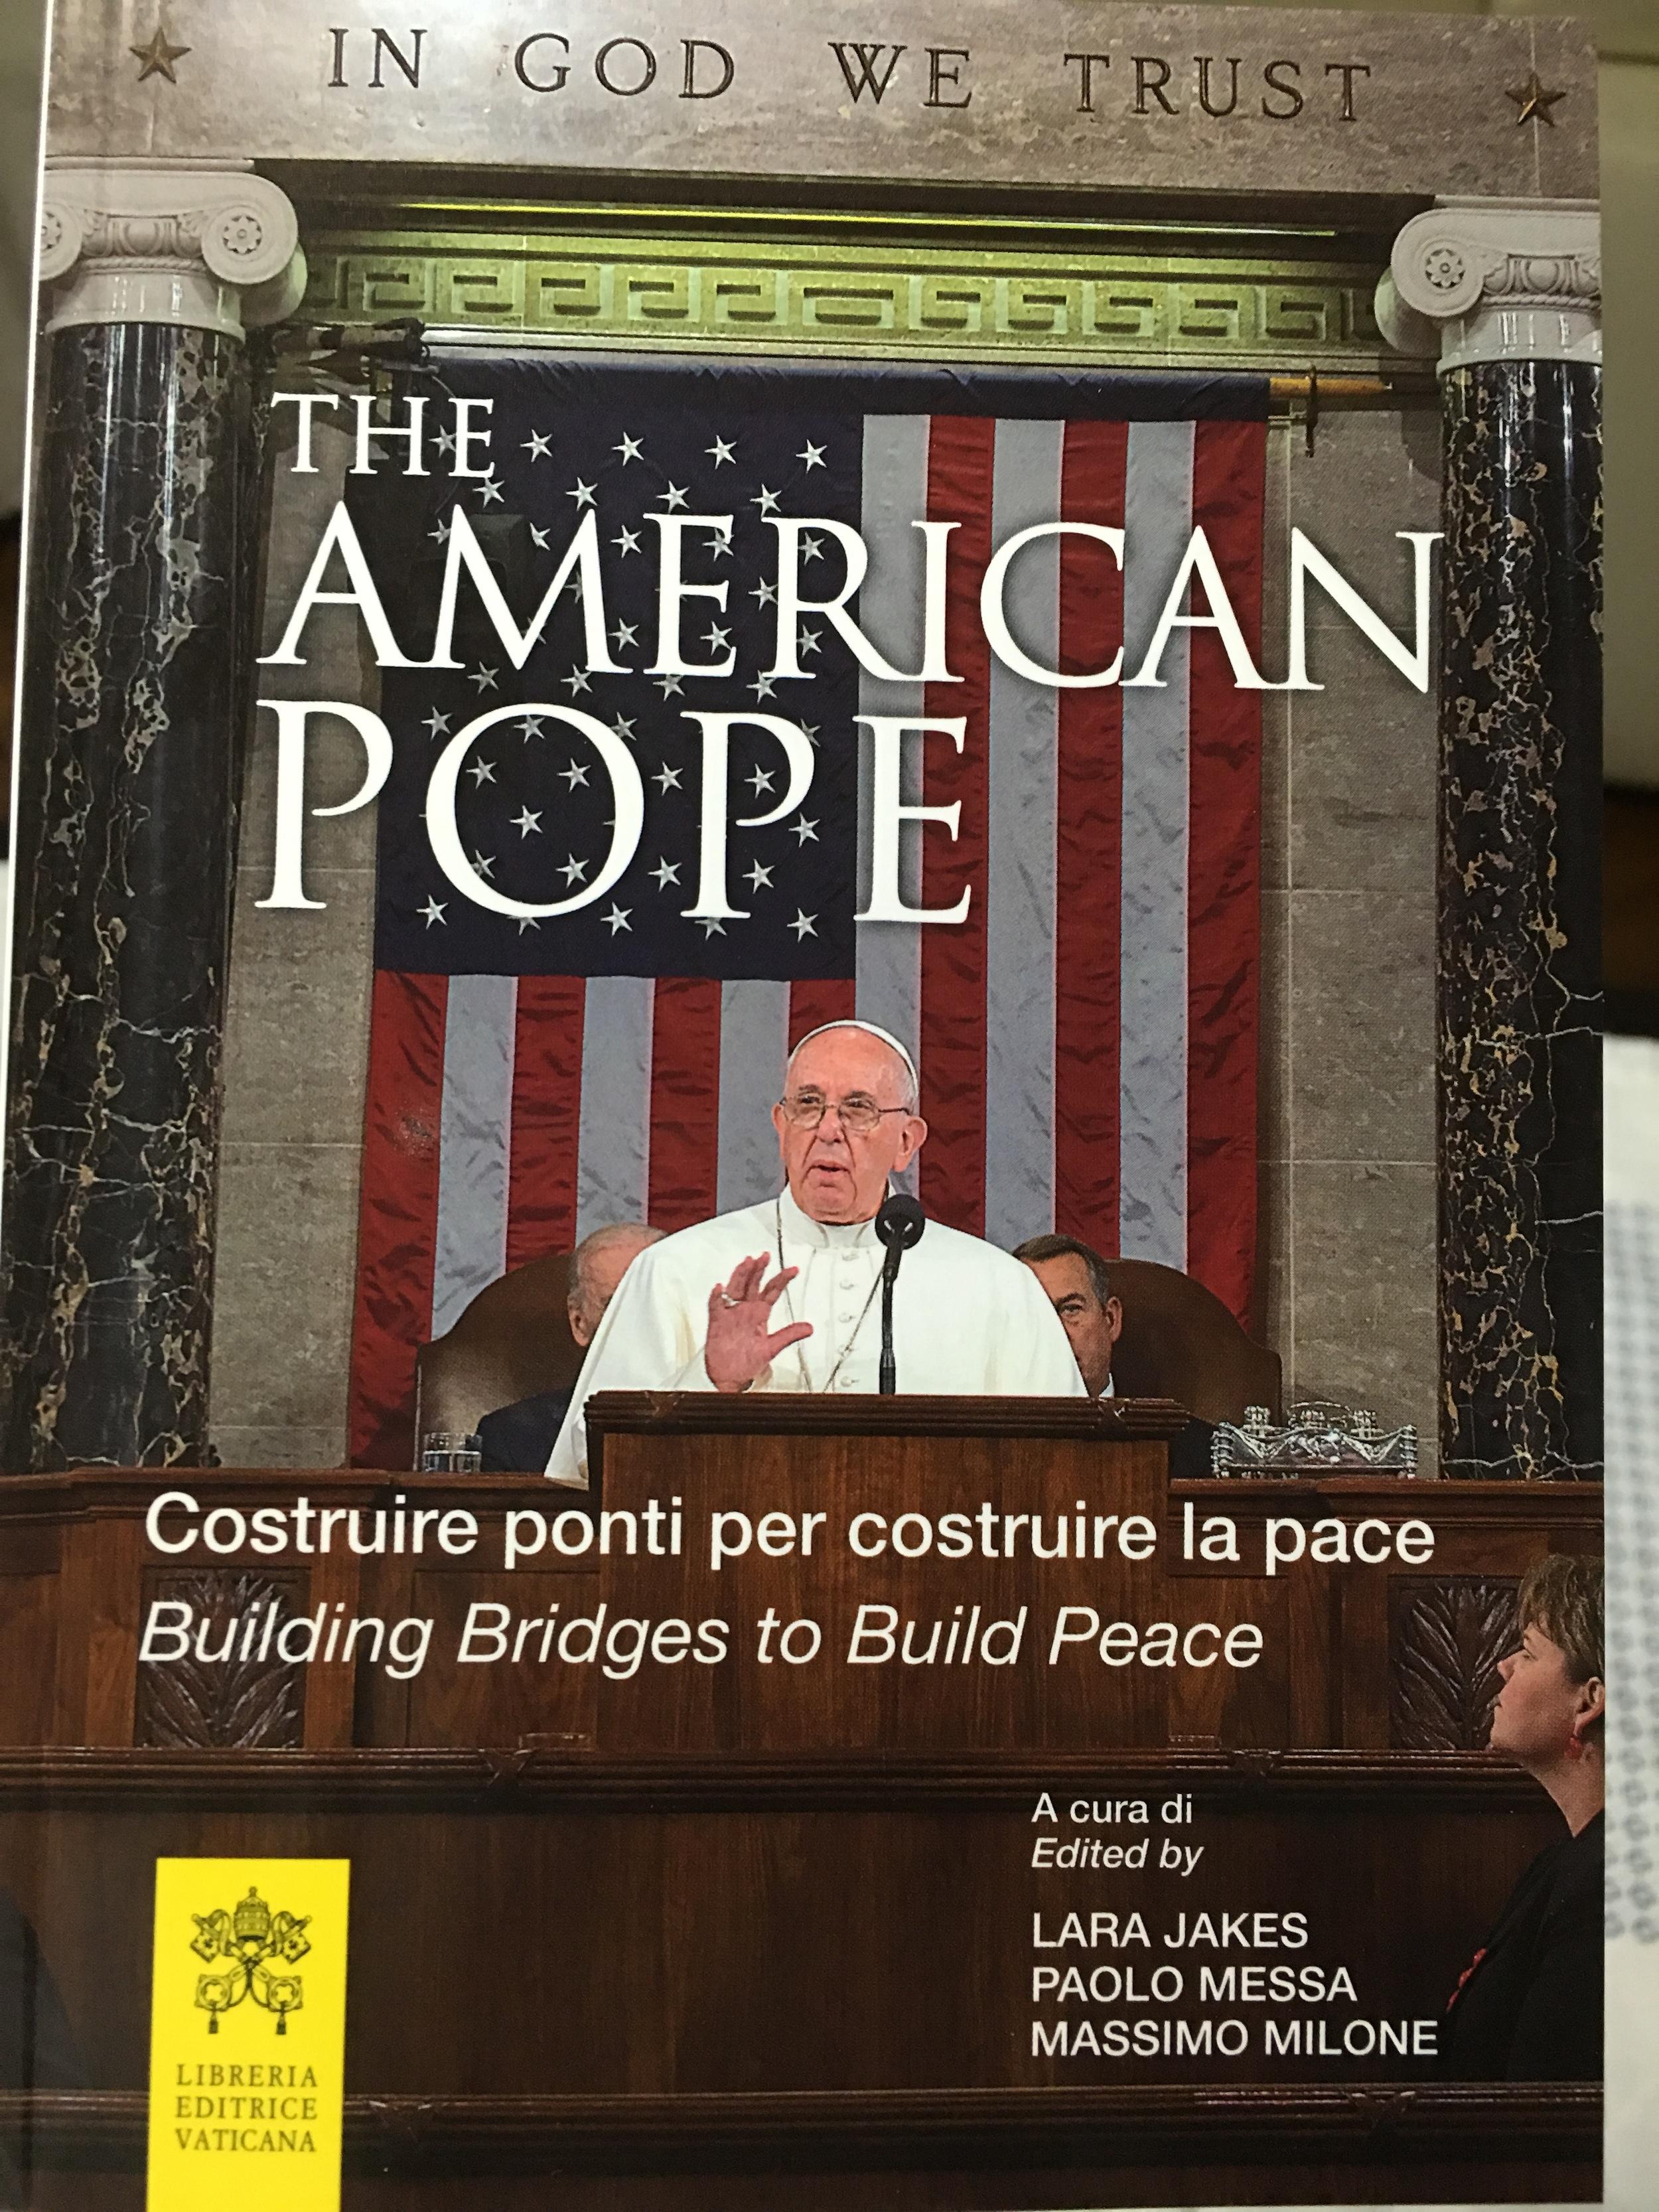 papa americano